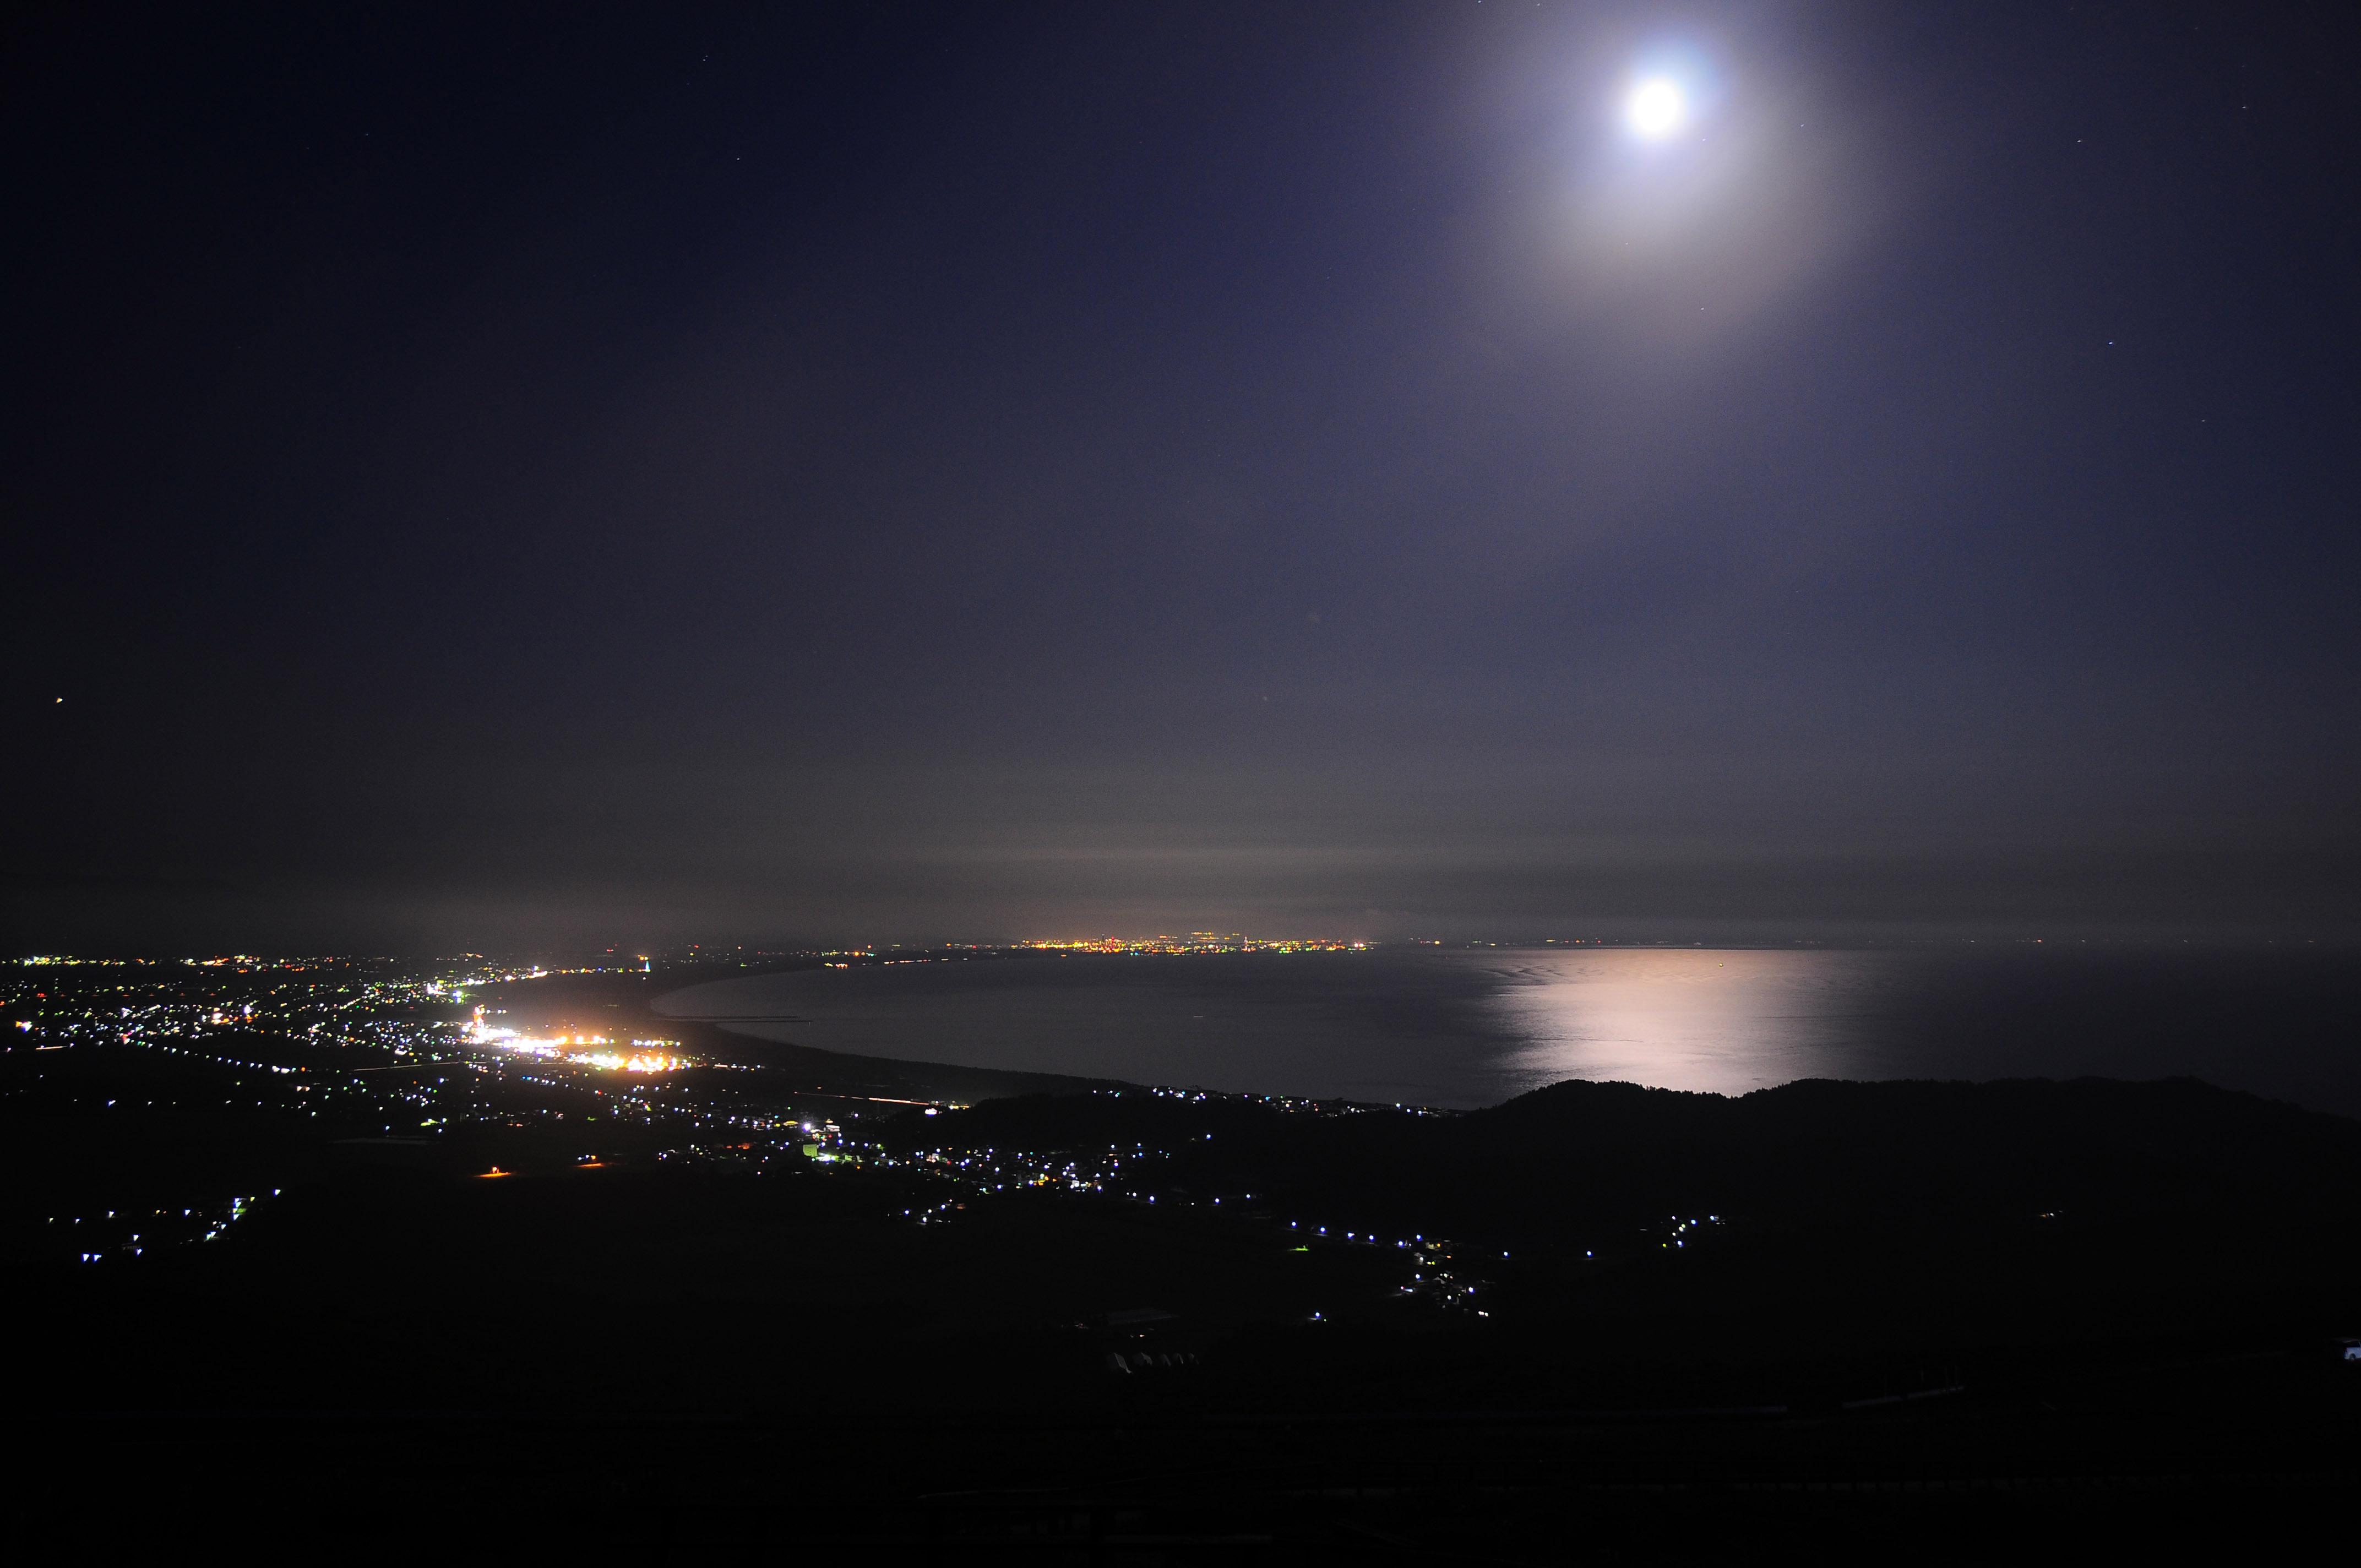 寒風山山頂から見る男鹿半島を縁どる街明かり